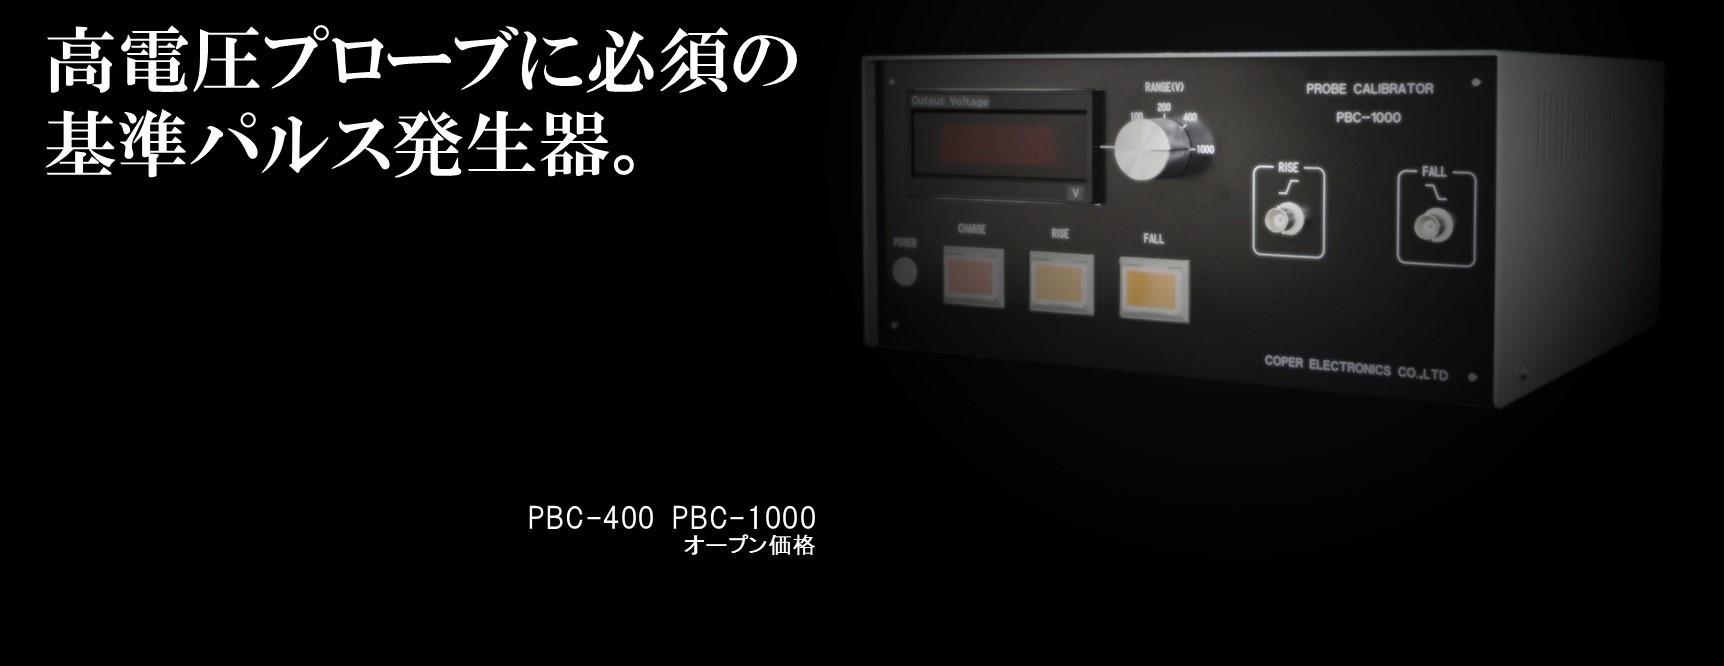 基準パルス発生器